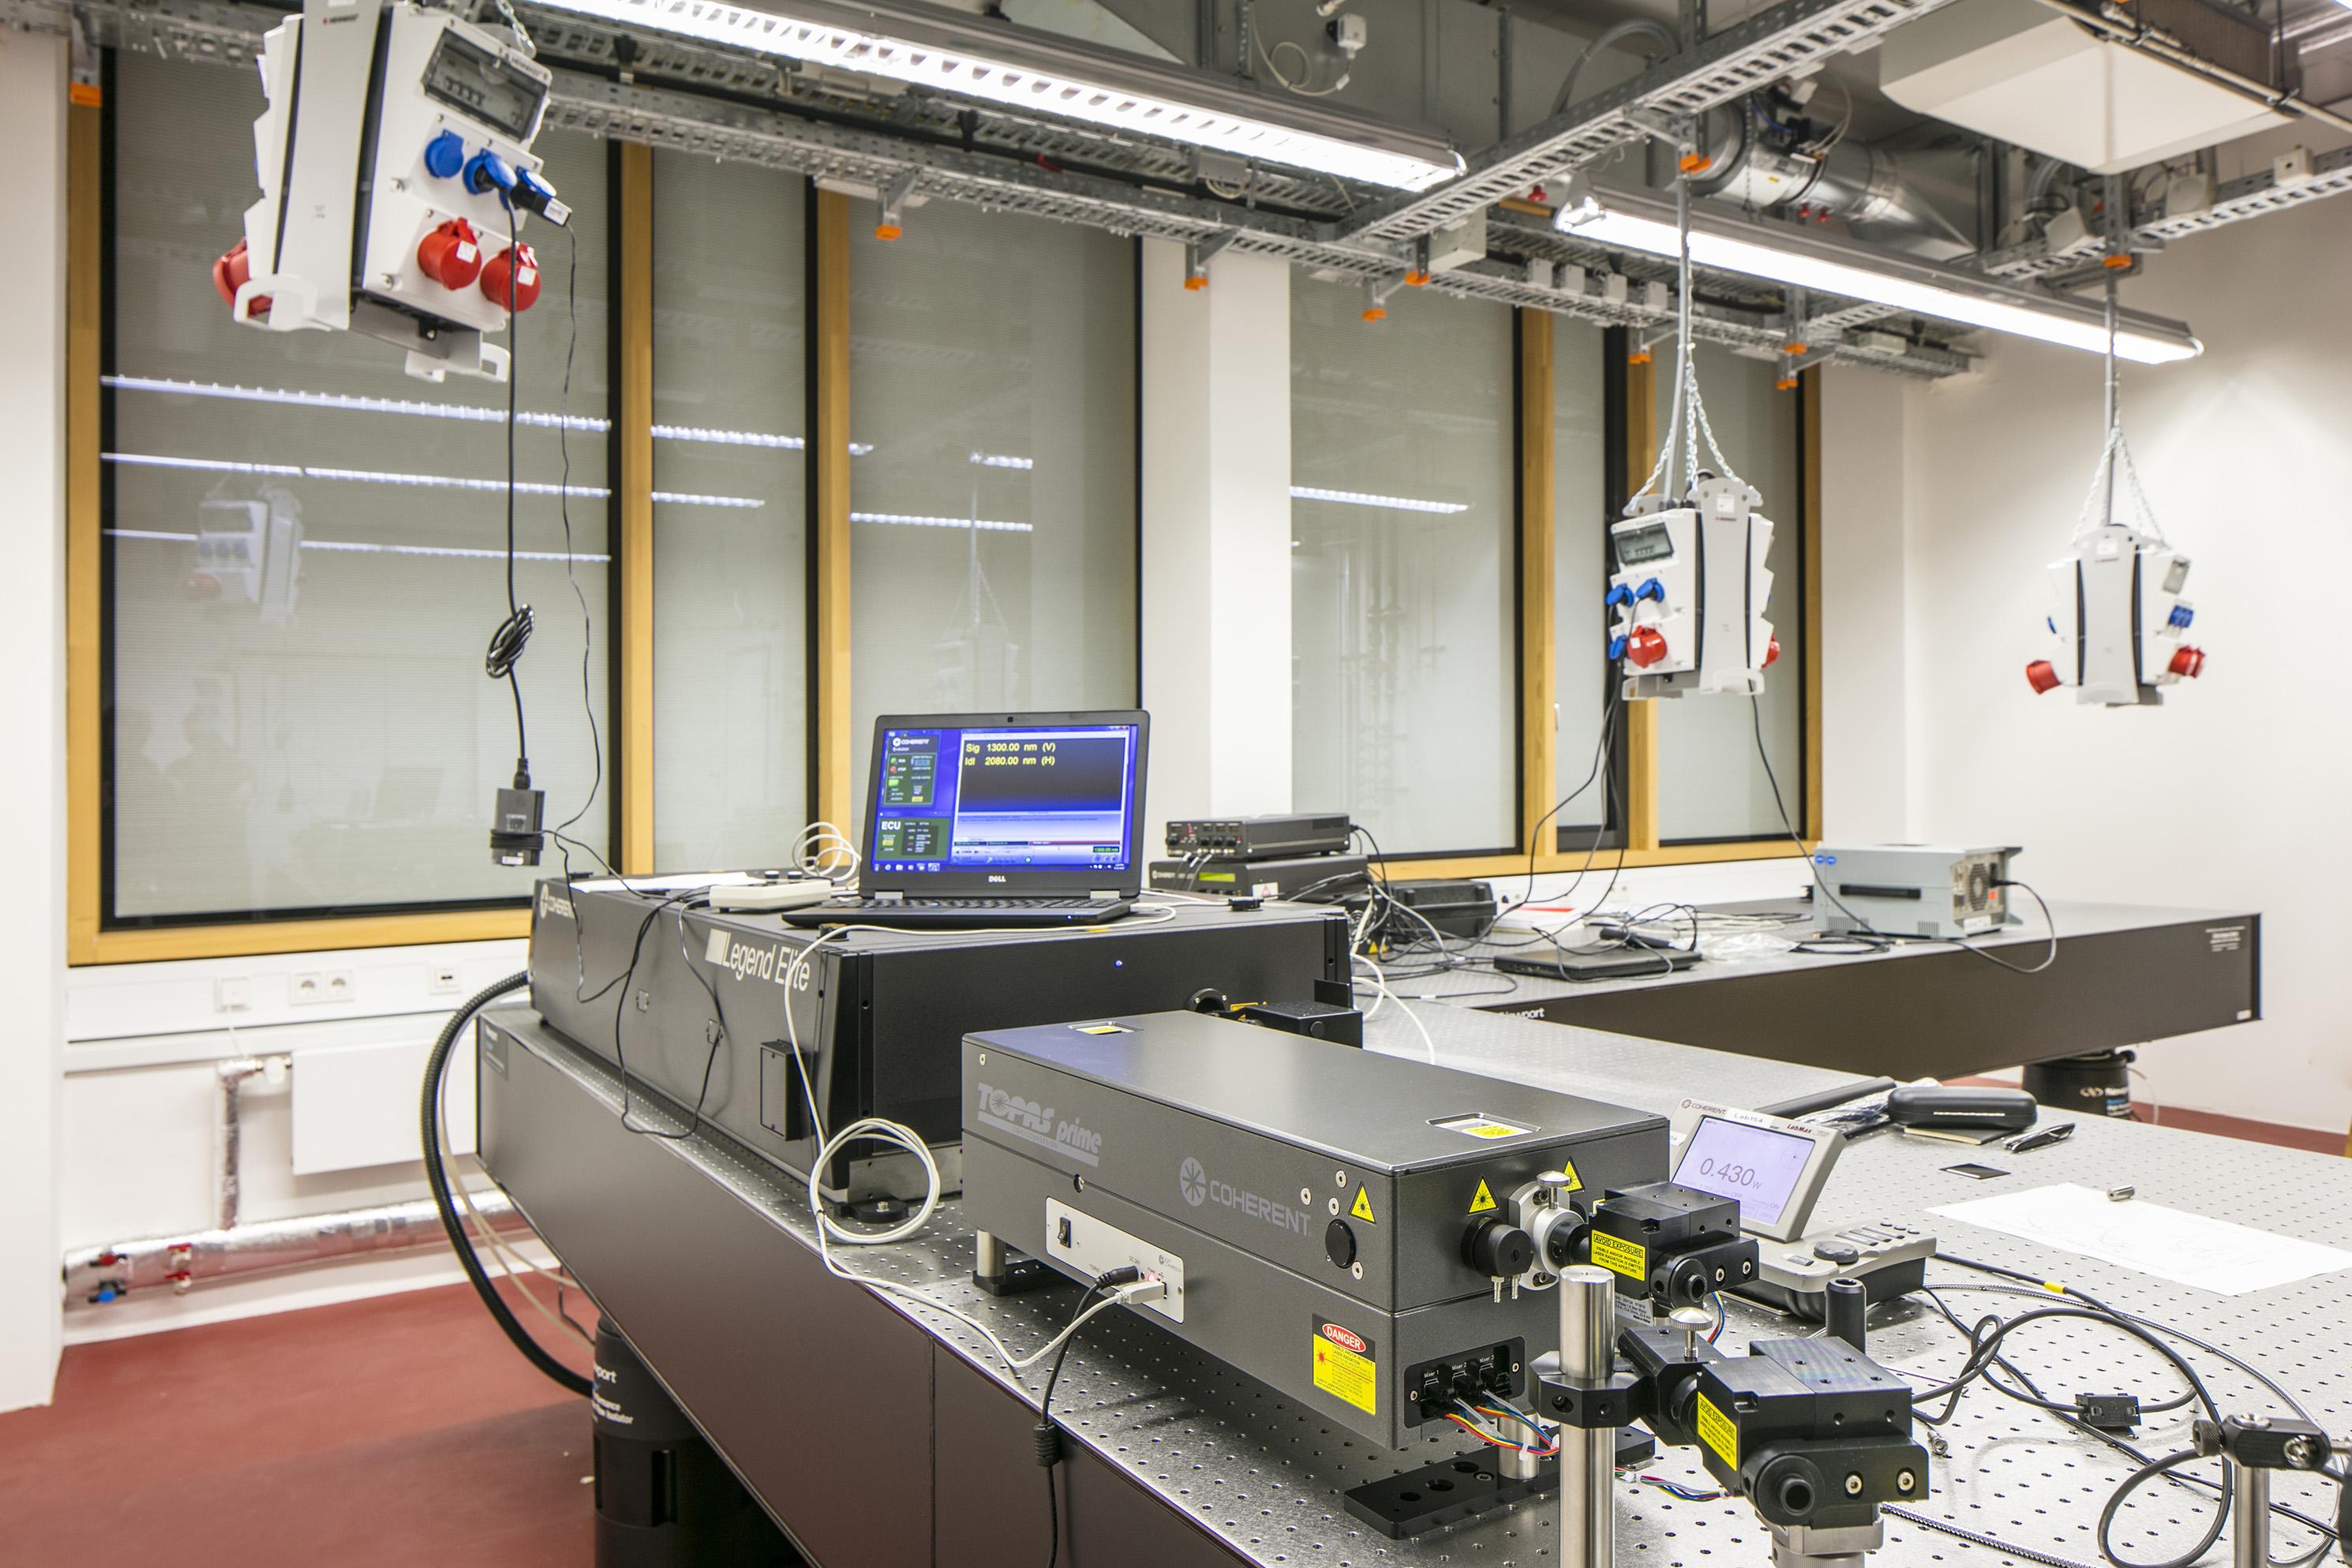 Materialforschung (CAM) Heidelberg 5 - ArGe Architekten